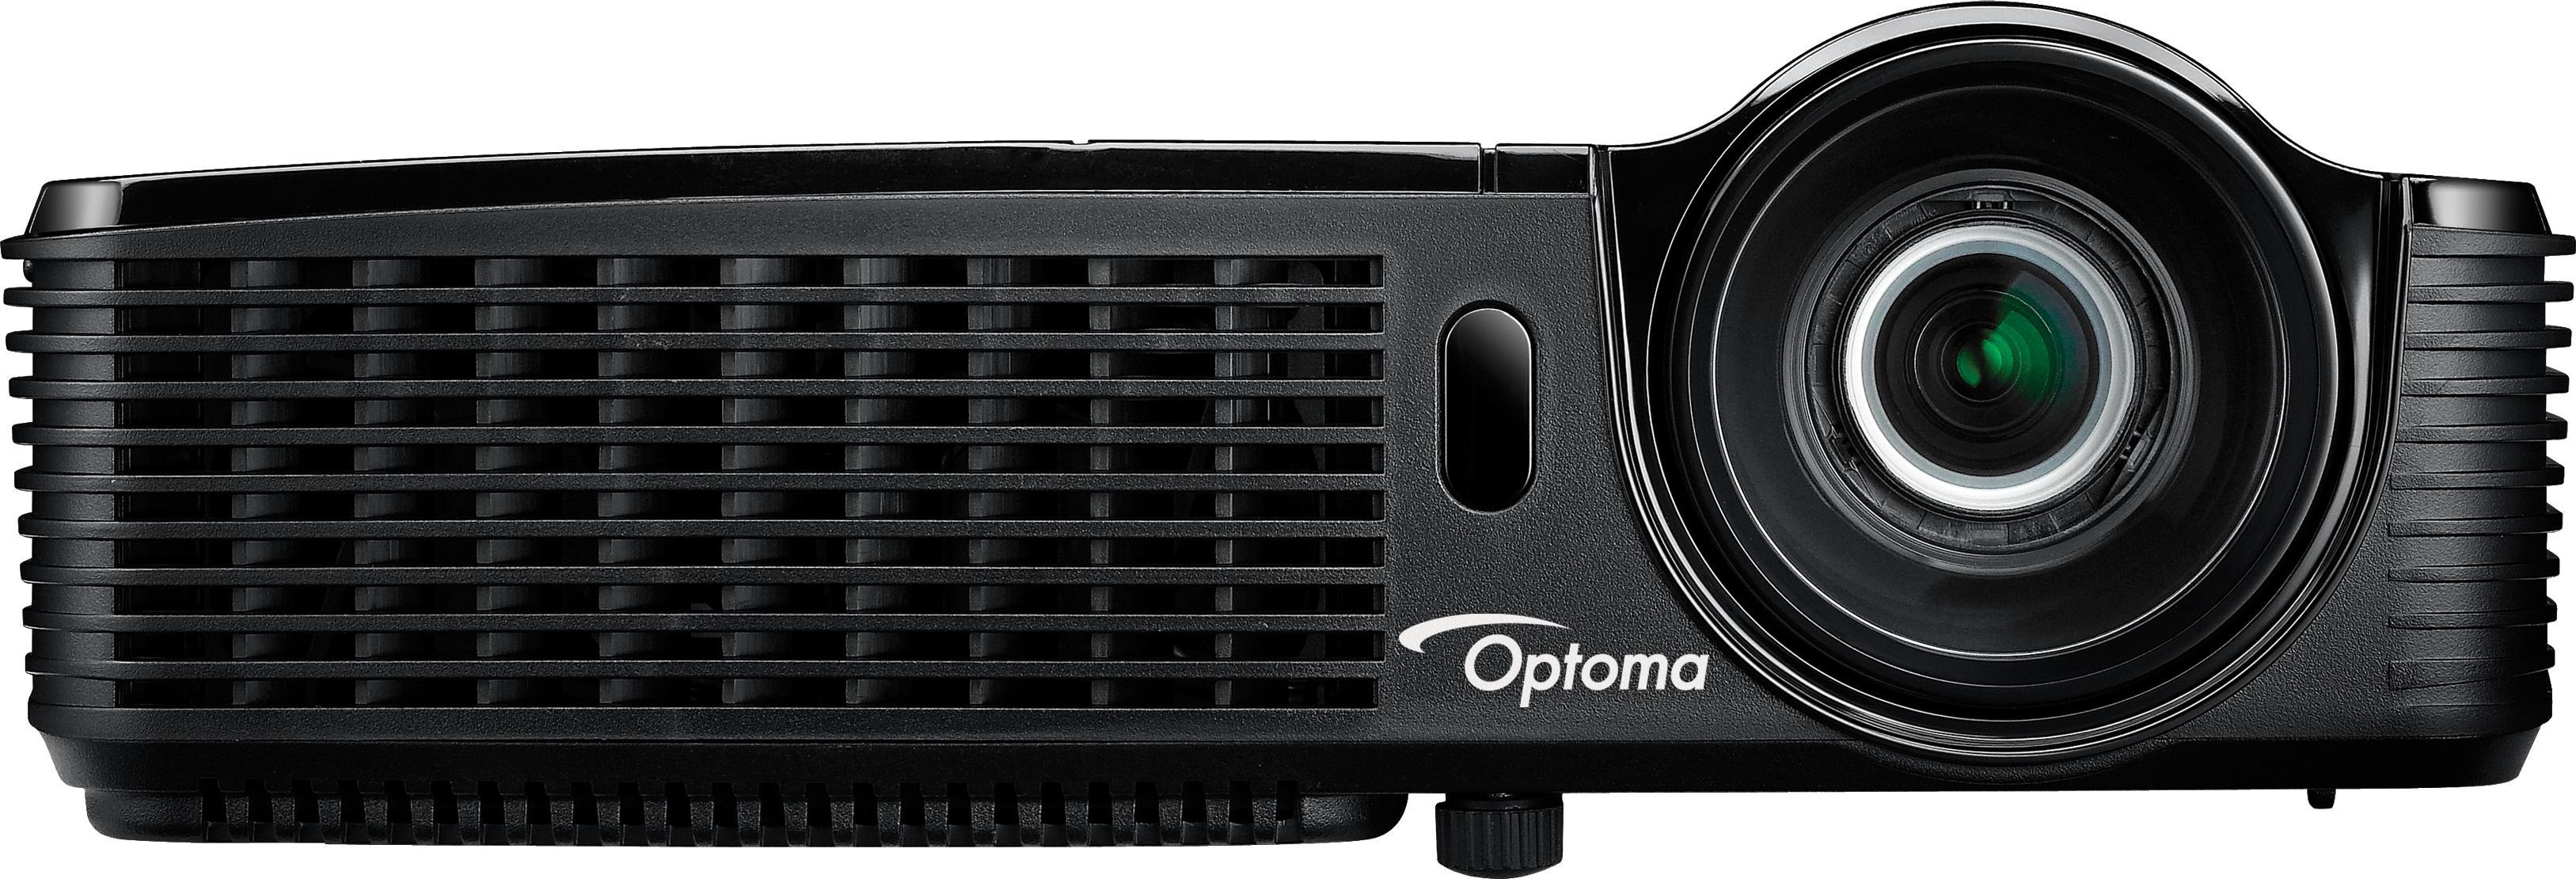 Optoma DX327